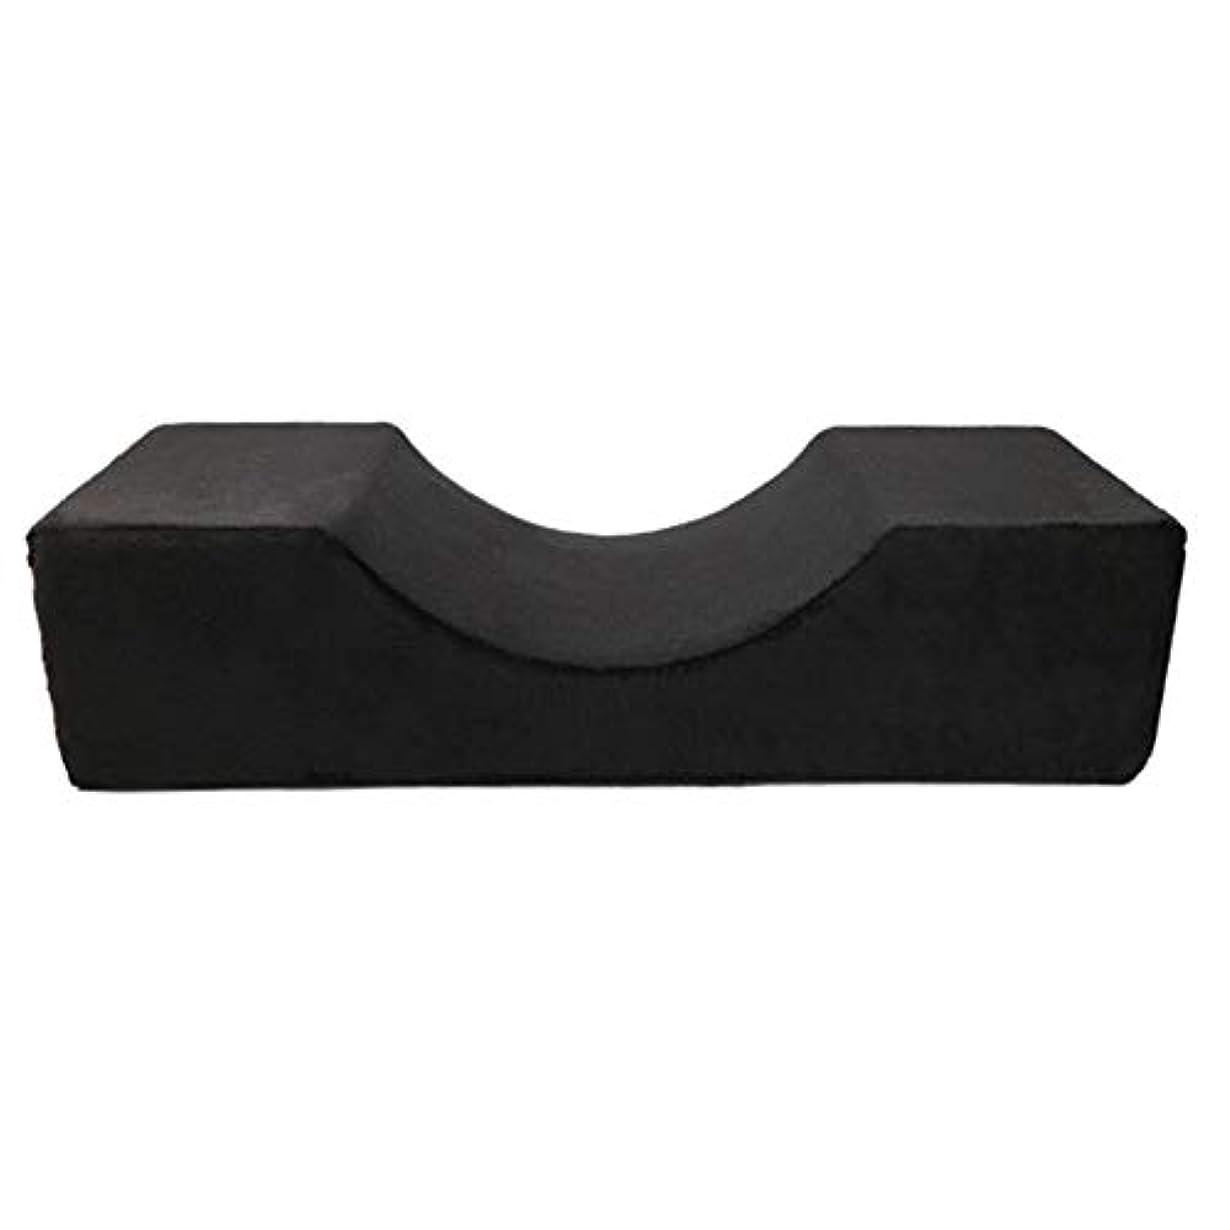 降下動かす正確にBlulux まつげ移植美容枕PUレザー防水まつげ枕移植まつげ枕(opp袋)